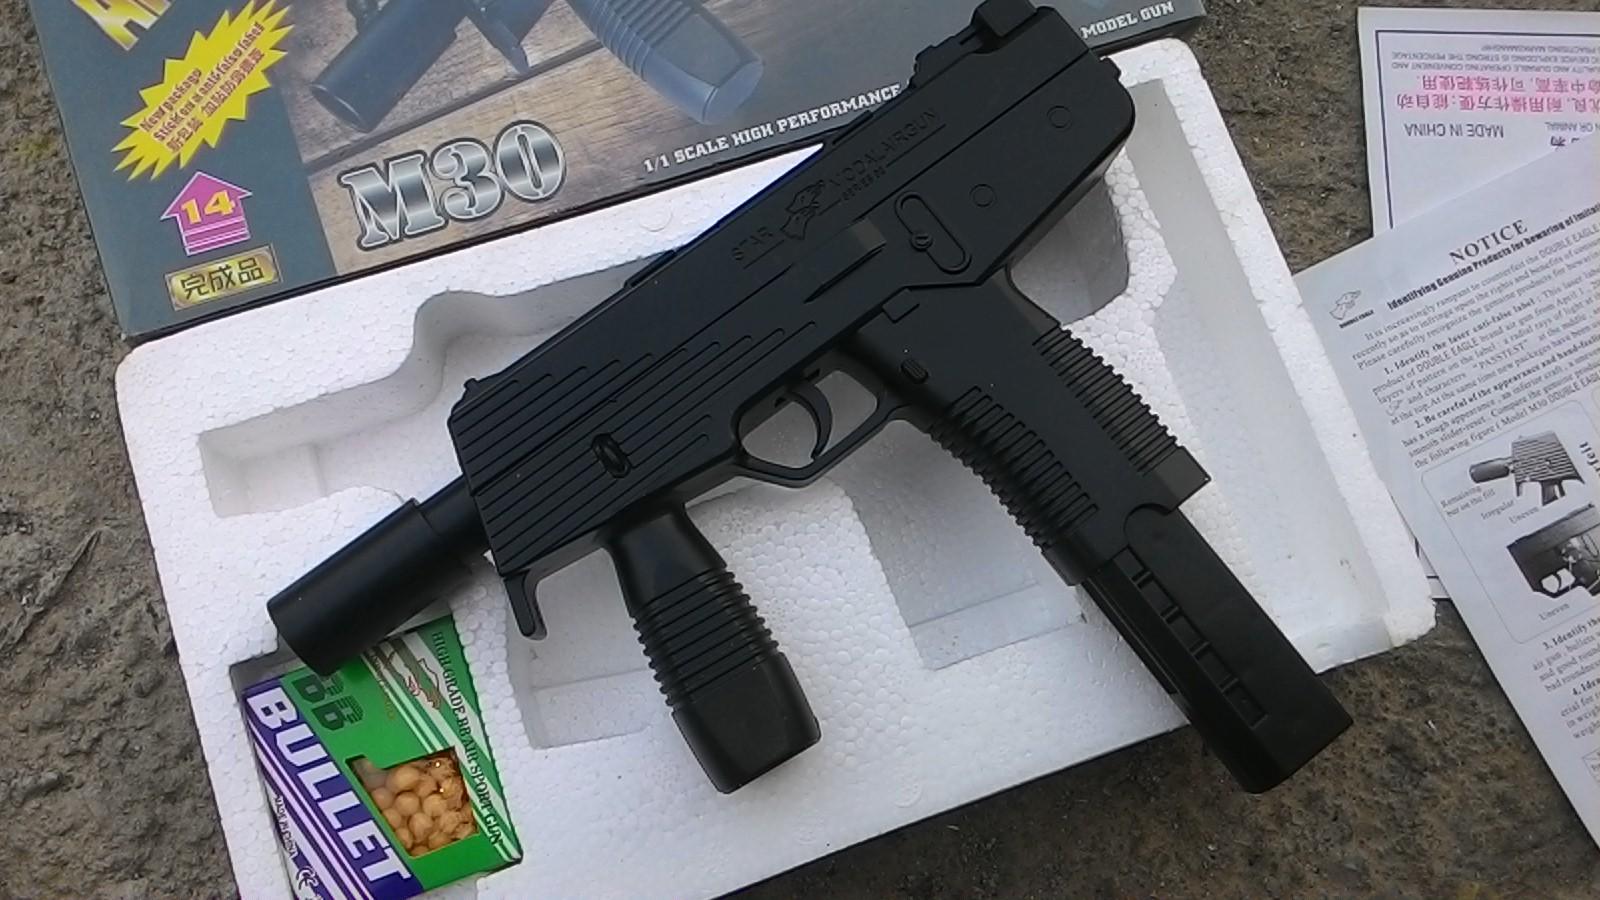 M30 bb gun